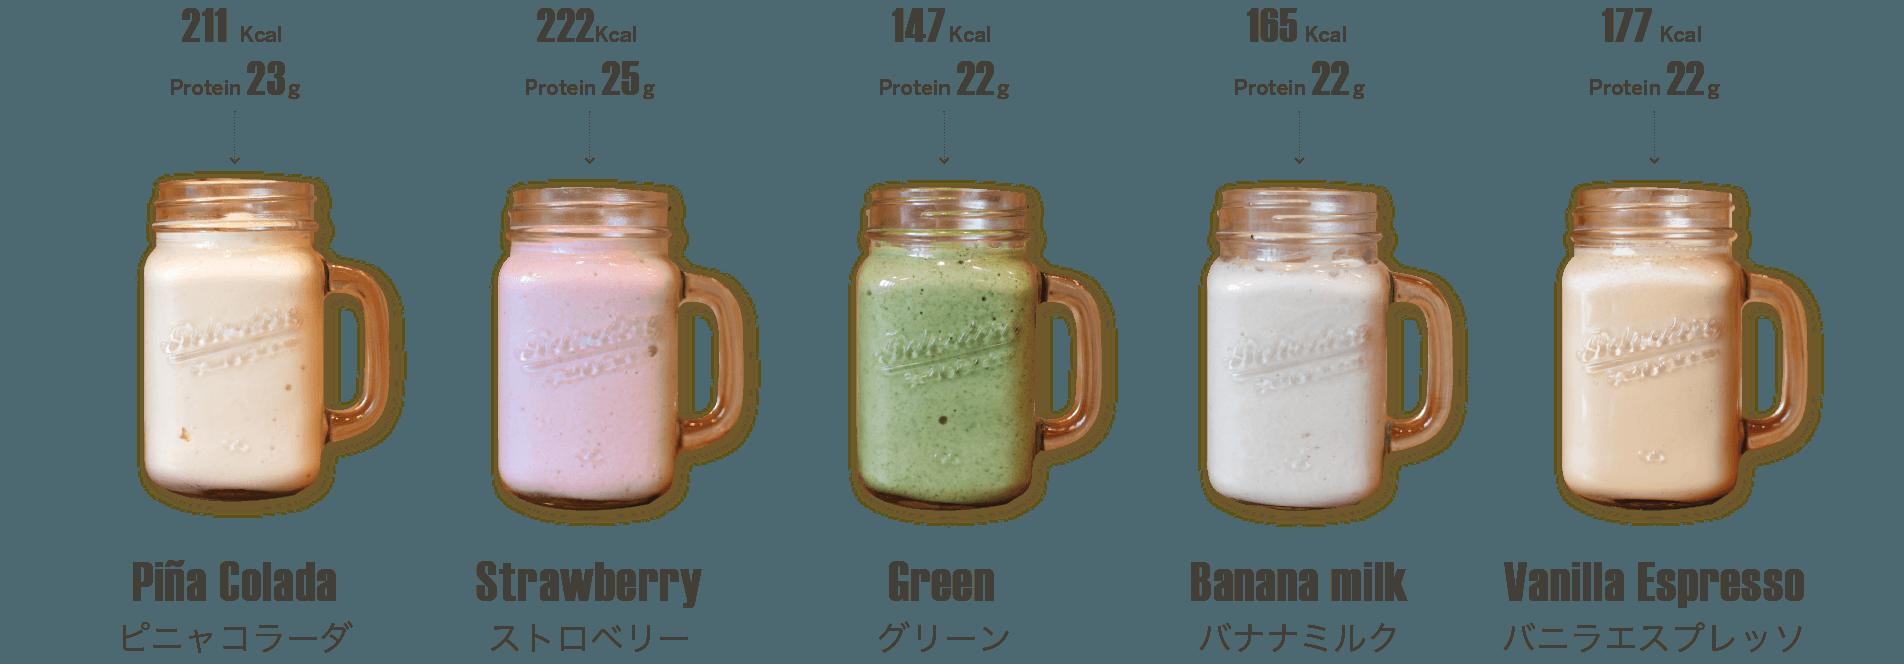 プロテインと果物・野菜を使ったハイスペックなスムージーは、メンバーから大人気(プロテインスムージー:750円〜)